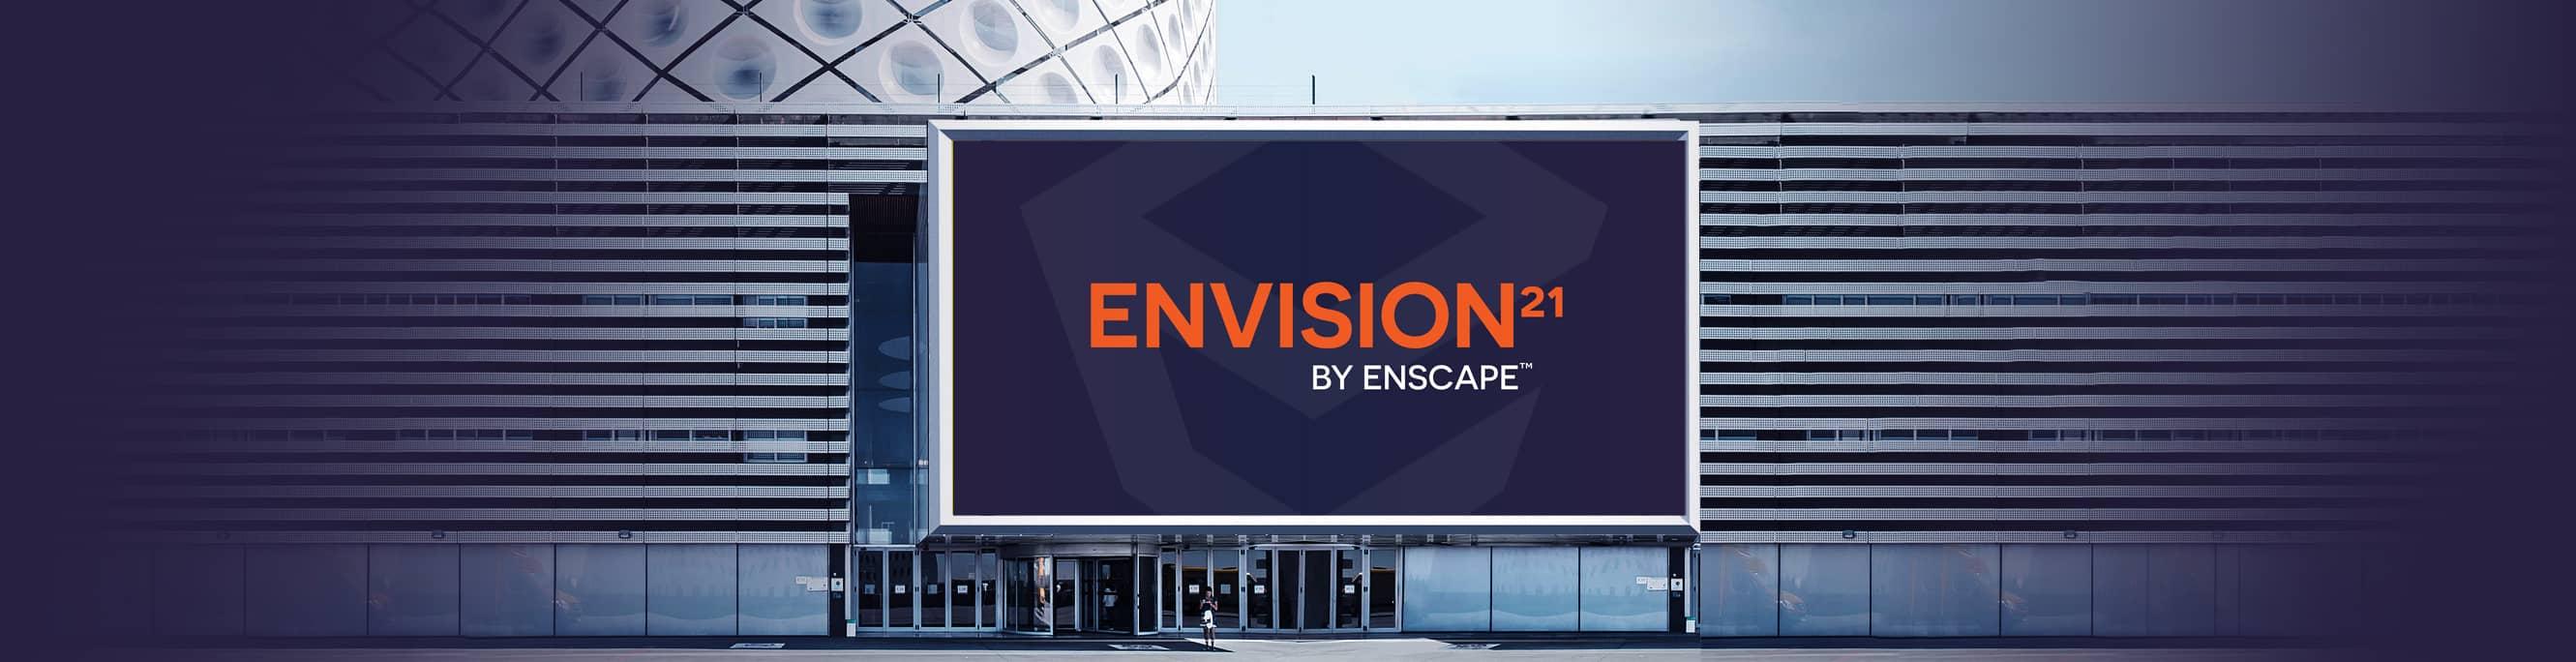 ENVISION 21 by Enscape